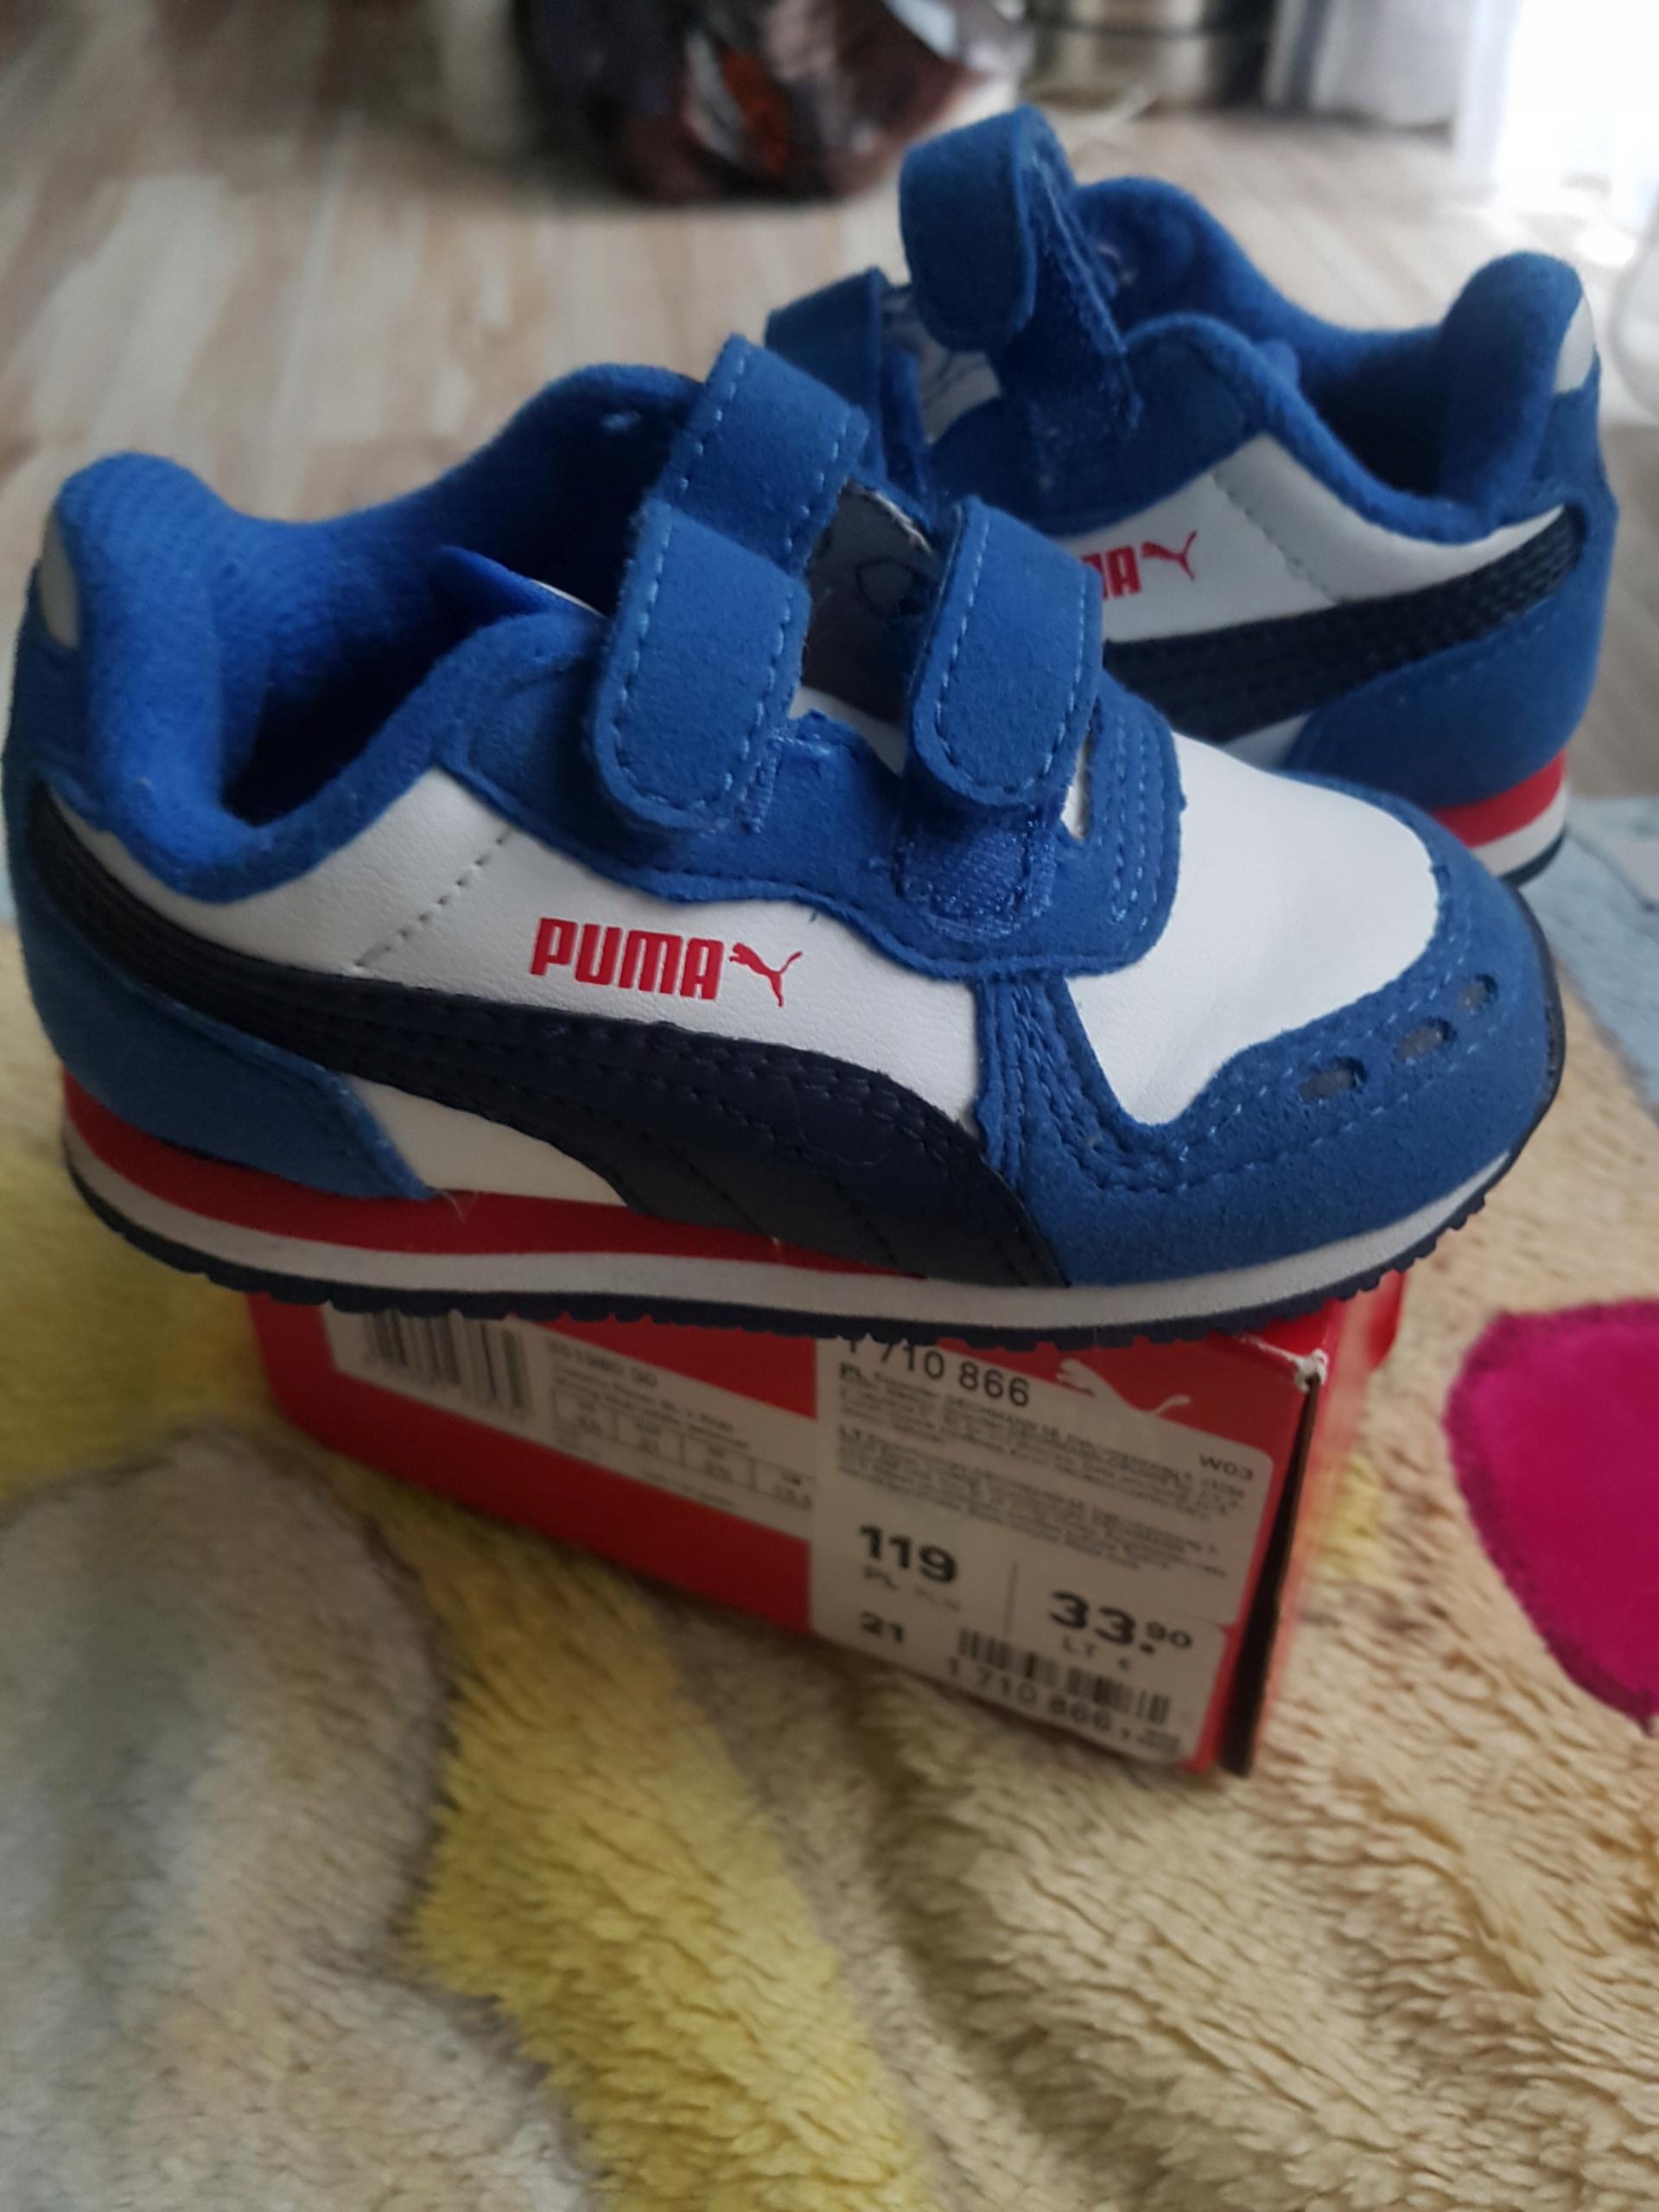 Buty Puma nowe okazja